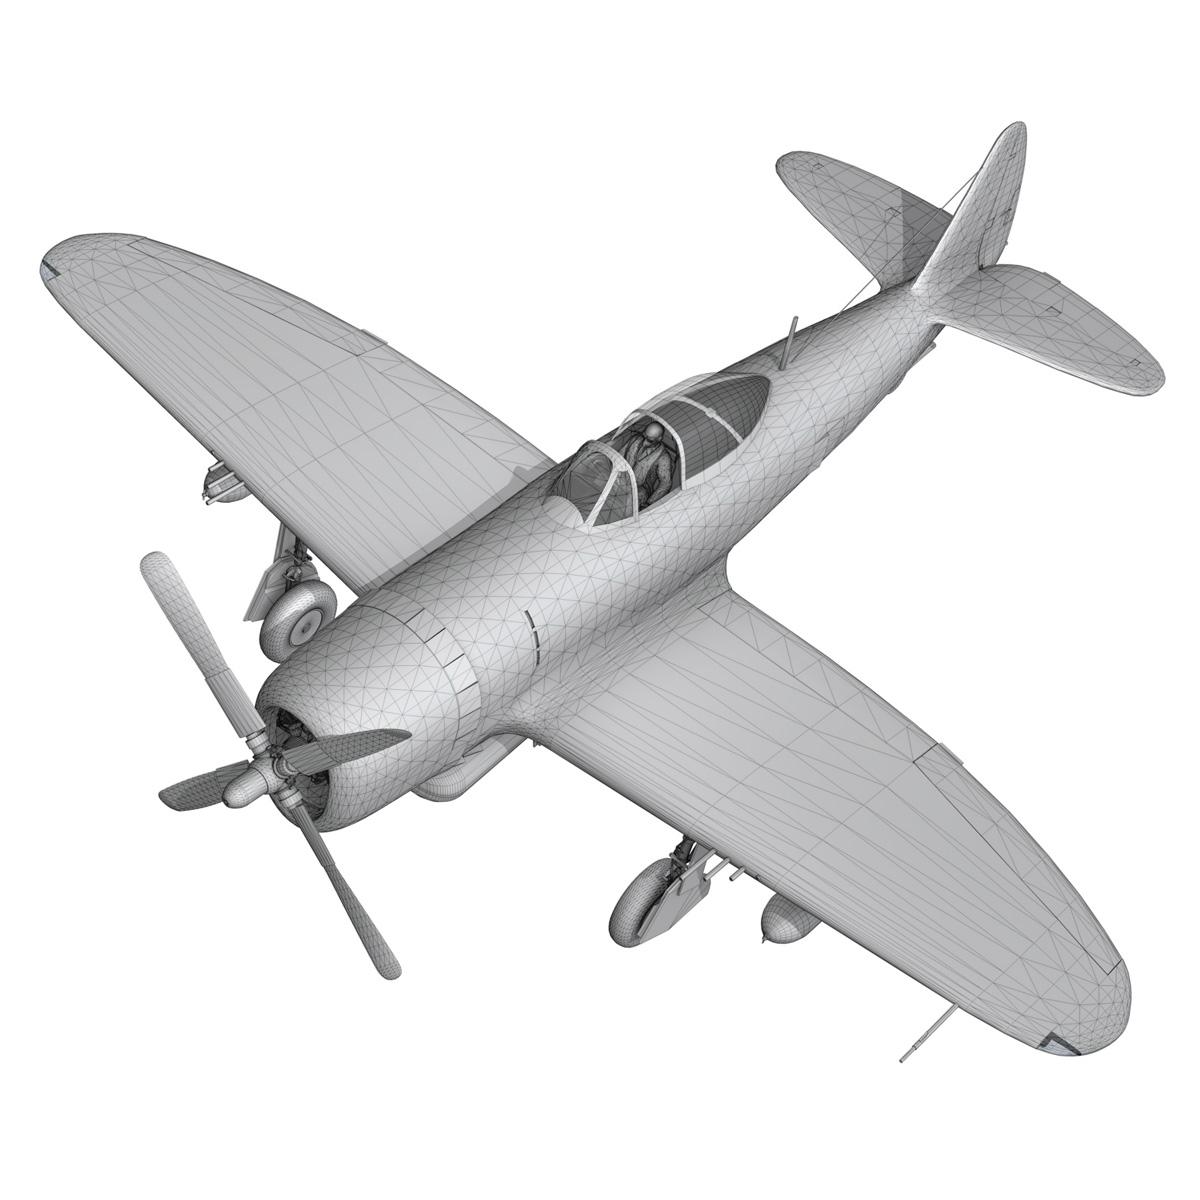 republic p-47d thunderbolt – chief seattle 3d model fbx c4d lwo obj 268219